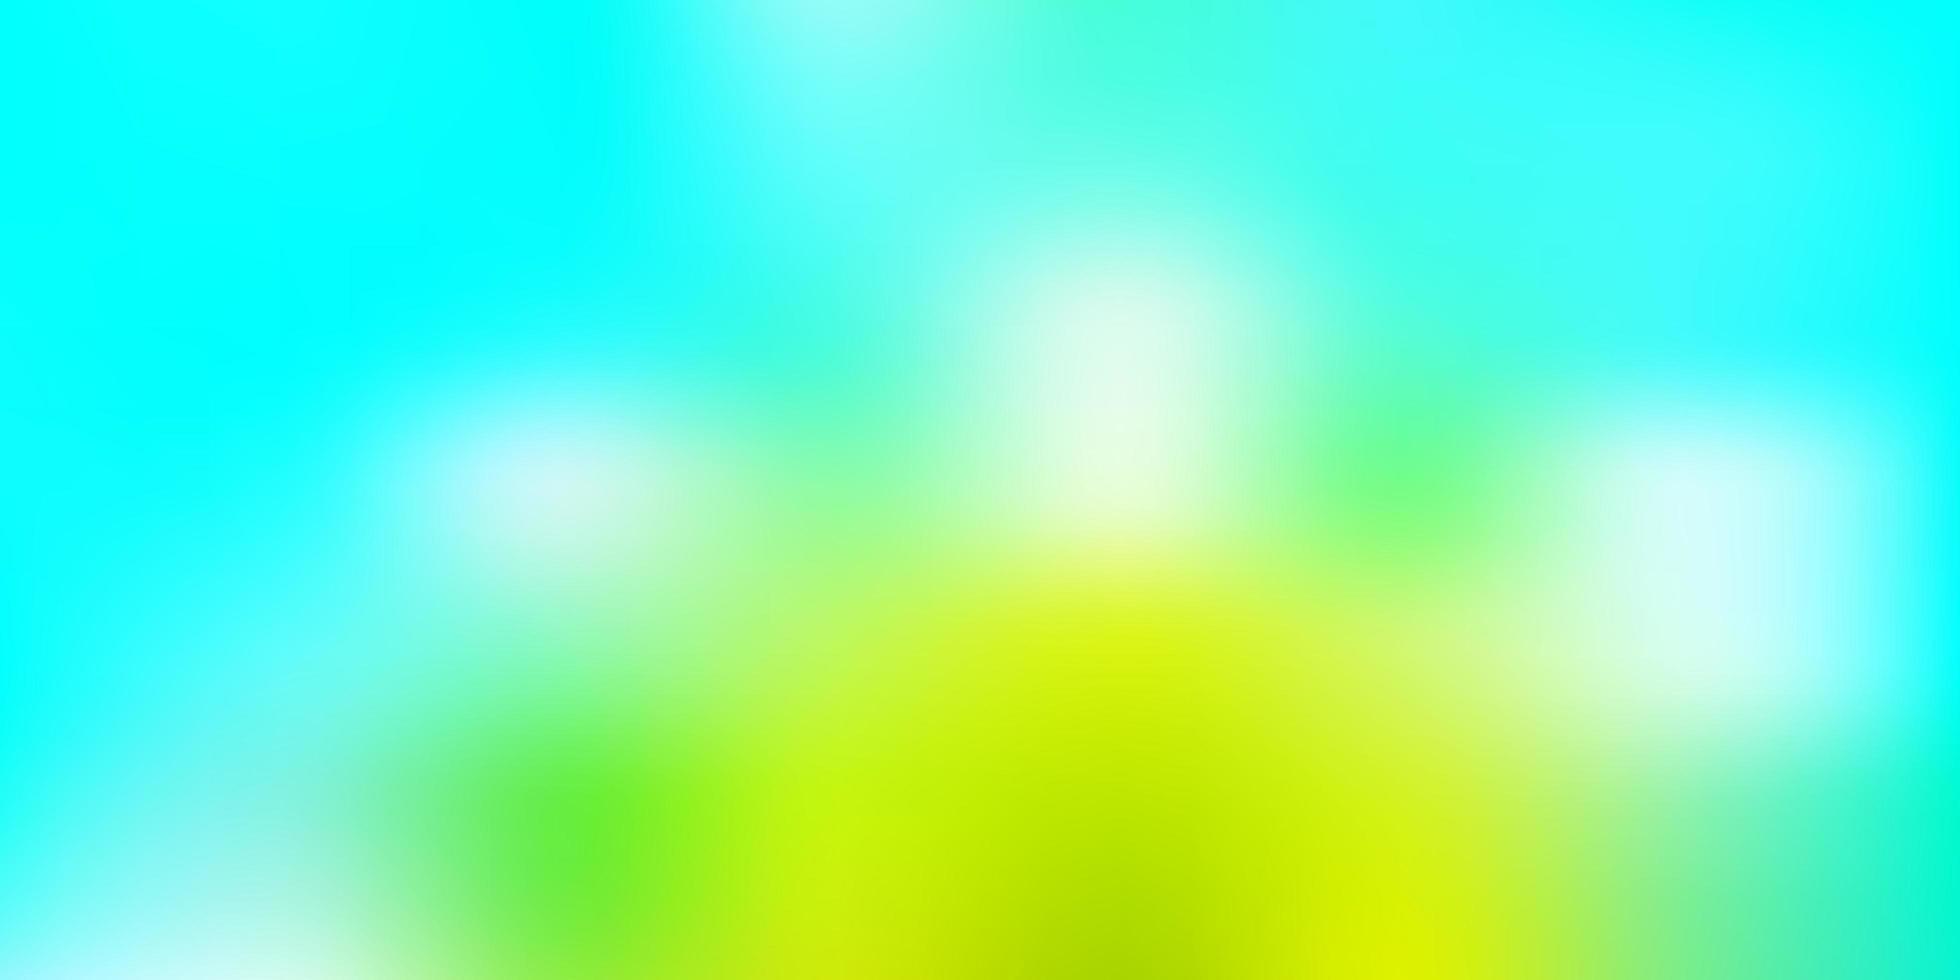 hellblaue, grüne Vektor verschwommene Textur.